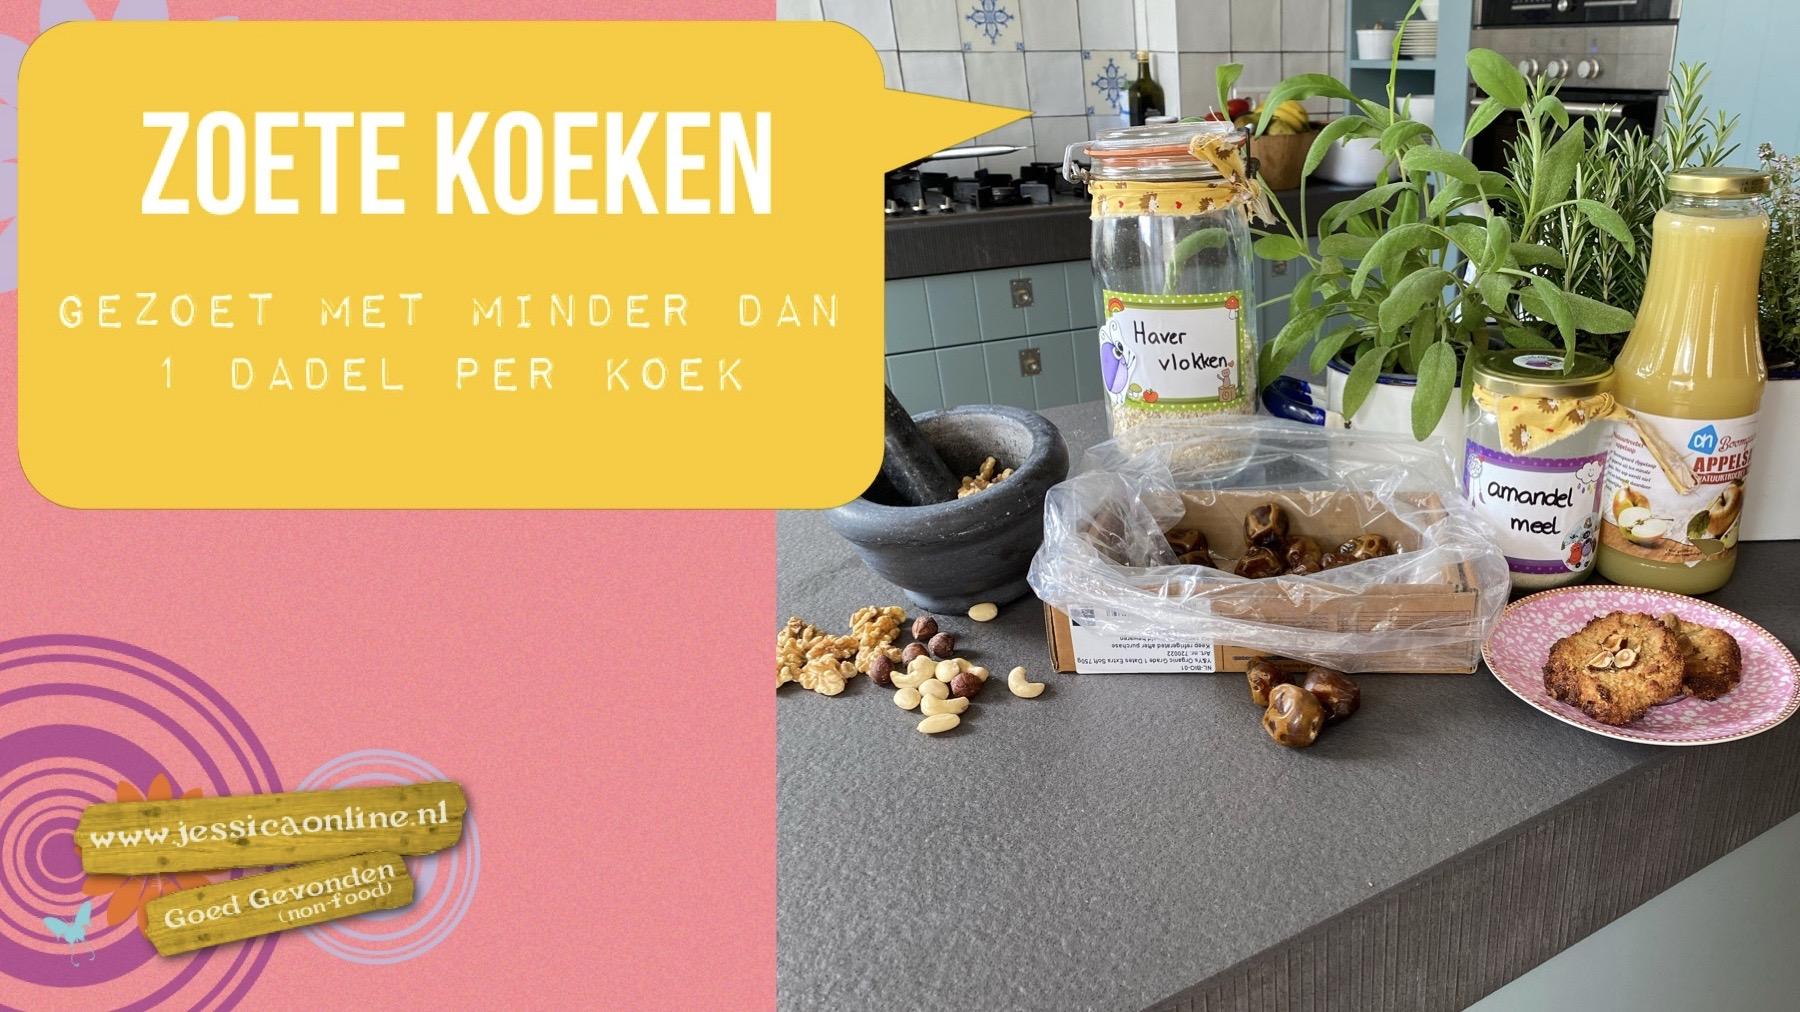 Zoete Koeken gezoet met minder dan 1 dadel per koek!